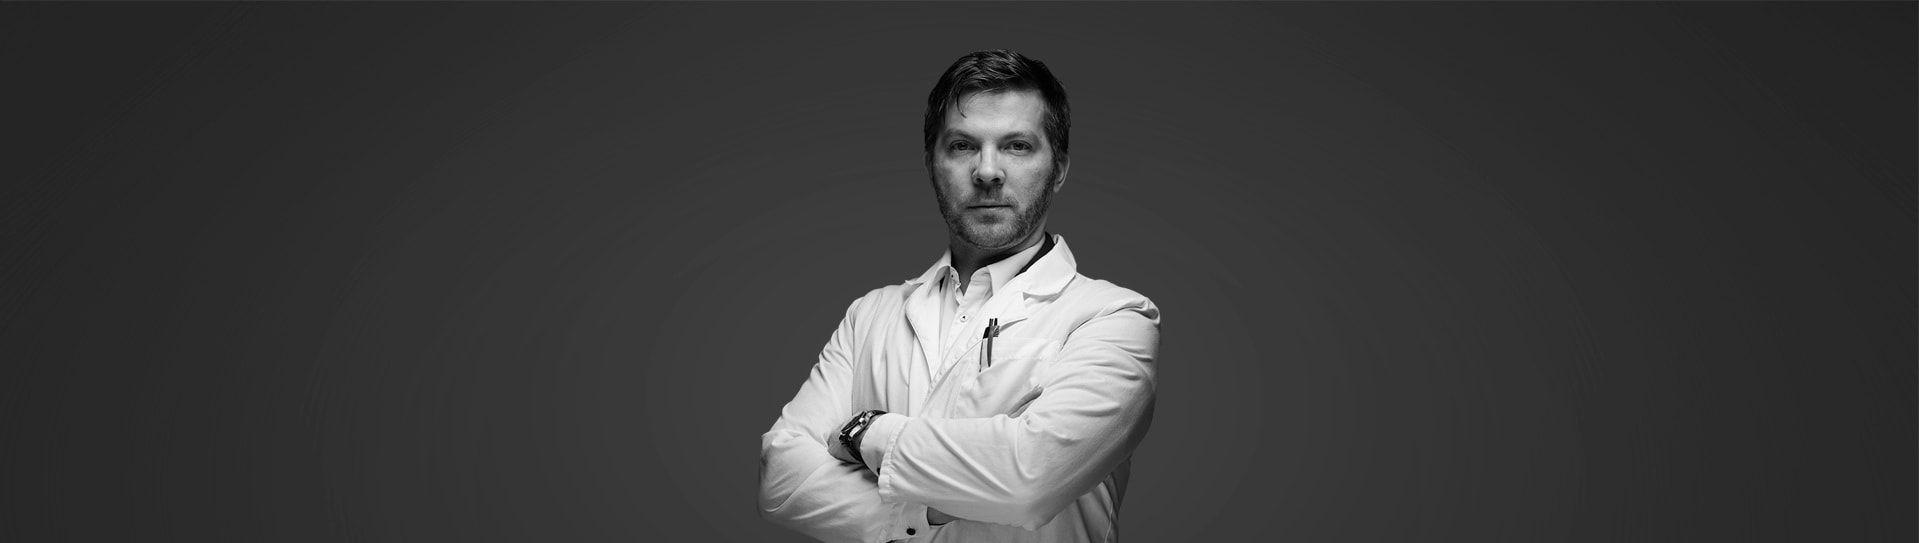 DOCTOR<br> ALEKSANDR MAKAROV